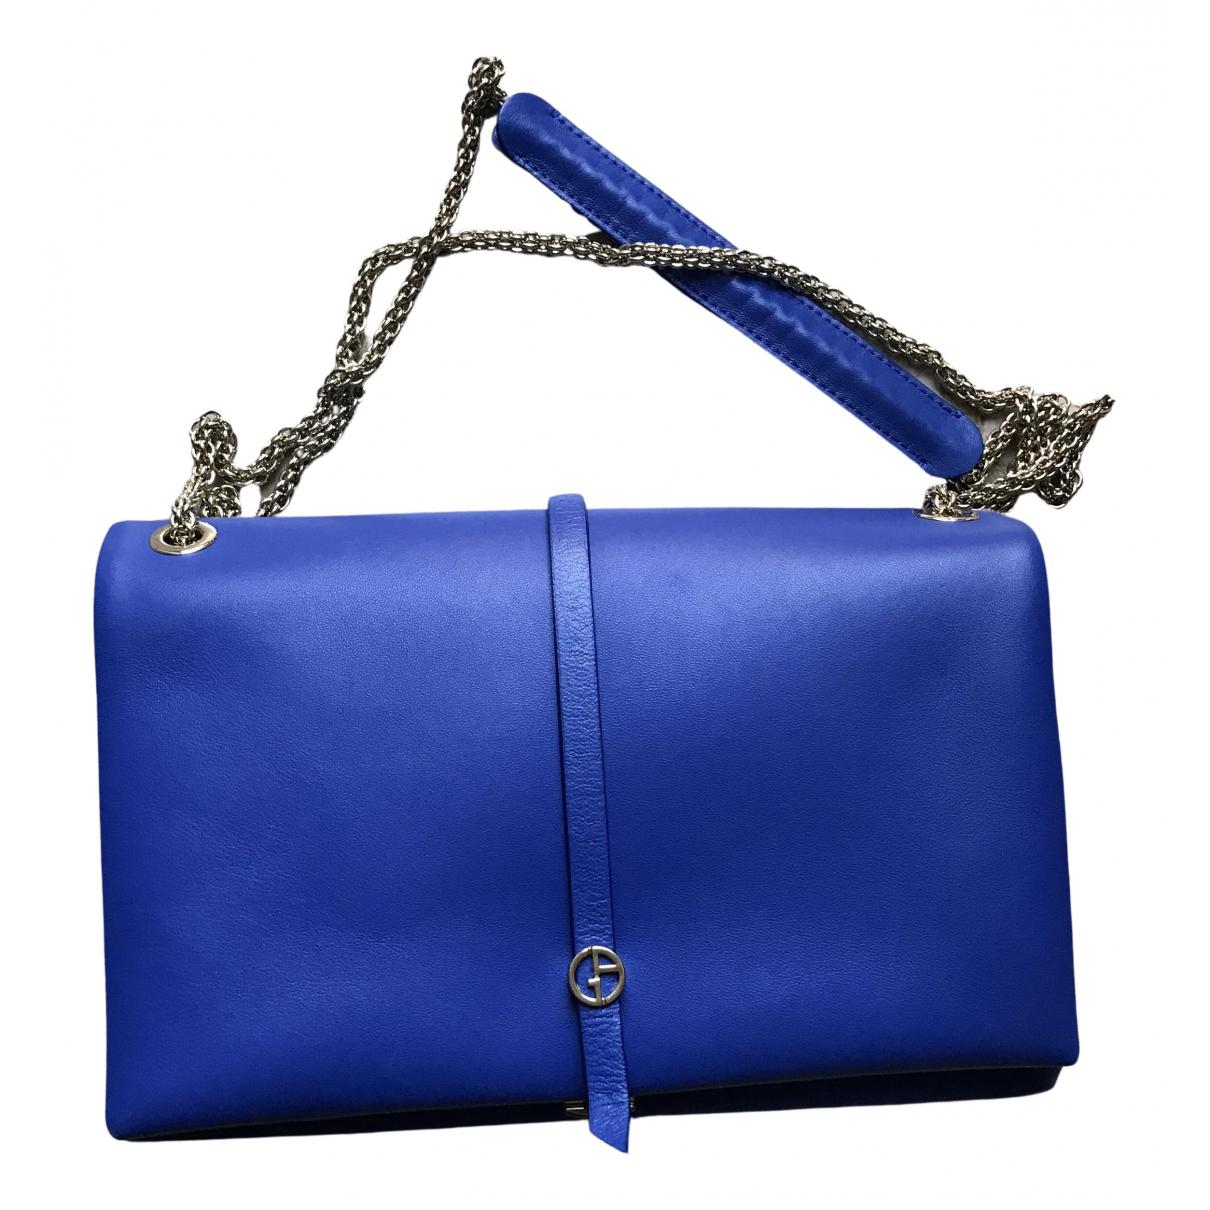 Giorgio Armani \N Clutch in  Blau Leder